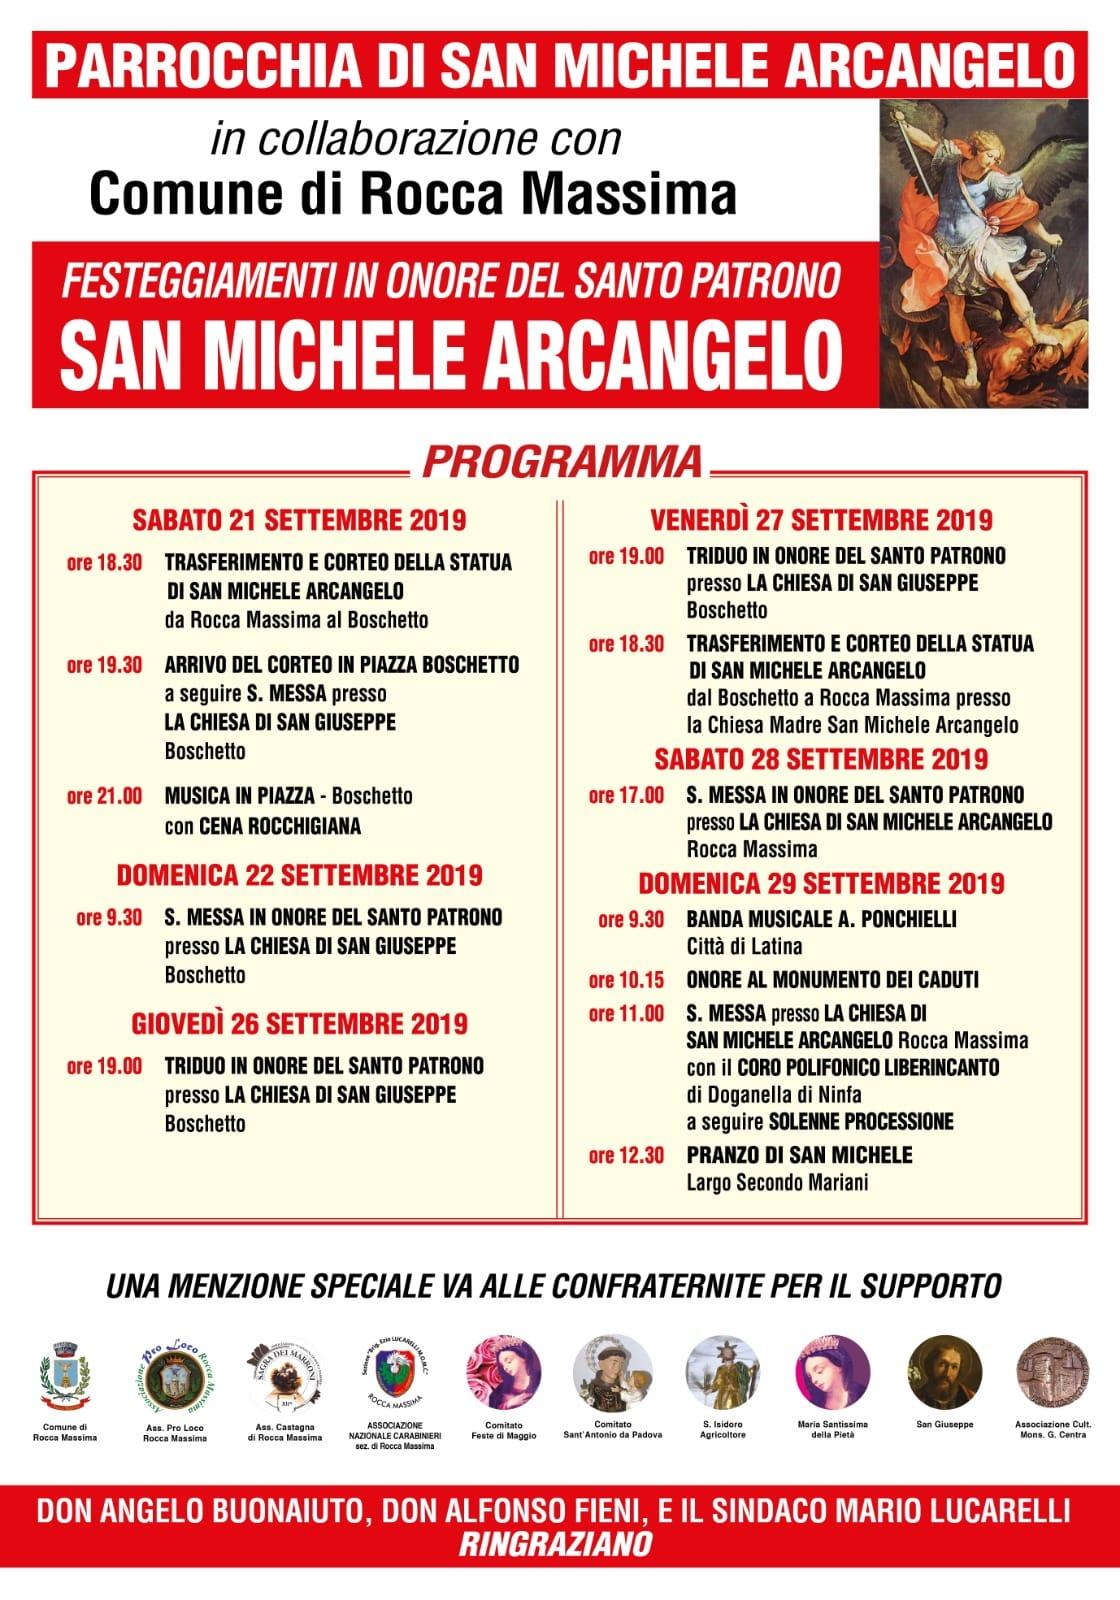 Rocca Massima: Festeggiamenti in onore del santo patrono San Michele Arcangelo @ centro storico | Rocca Massima | Lazio | Italia